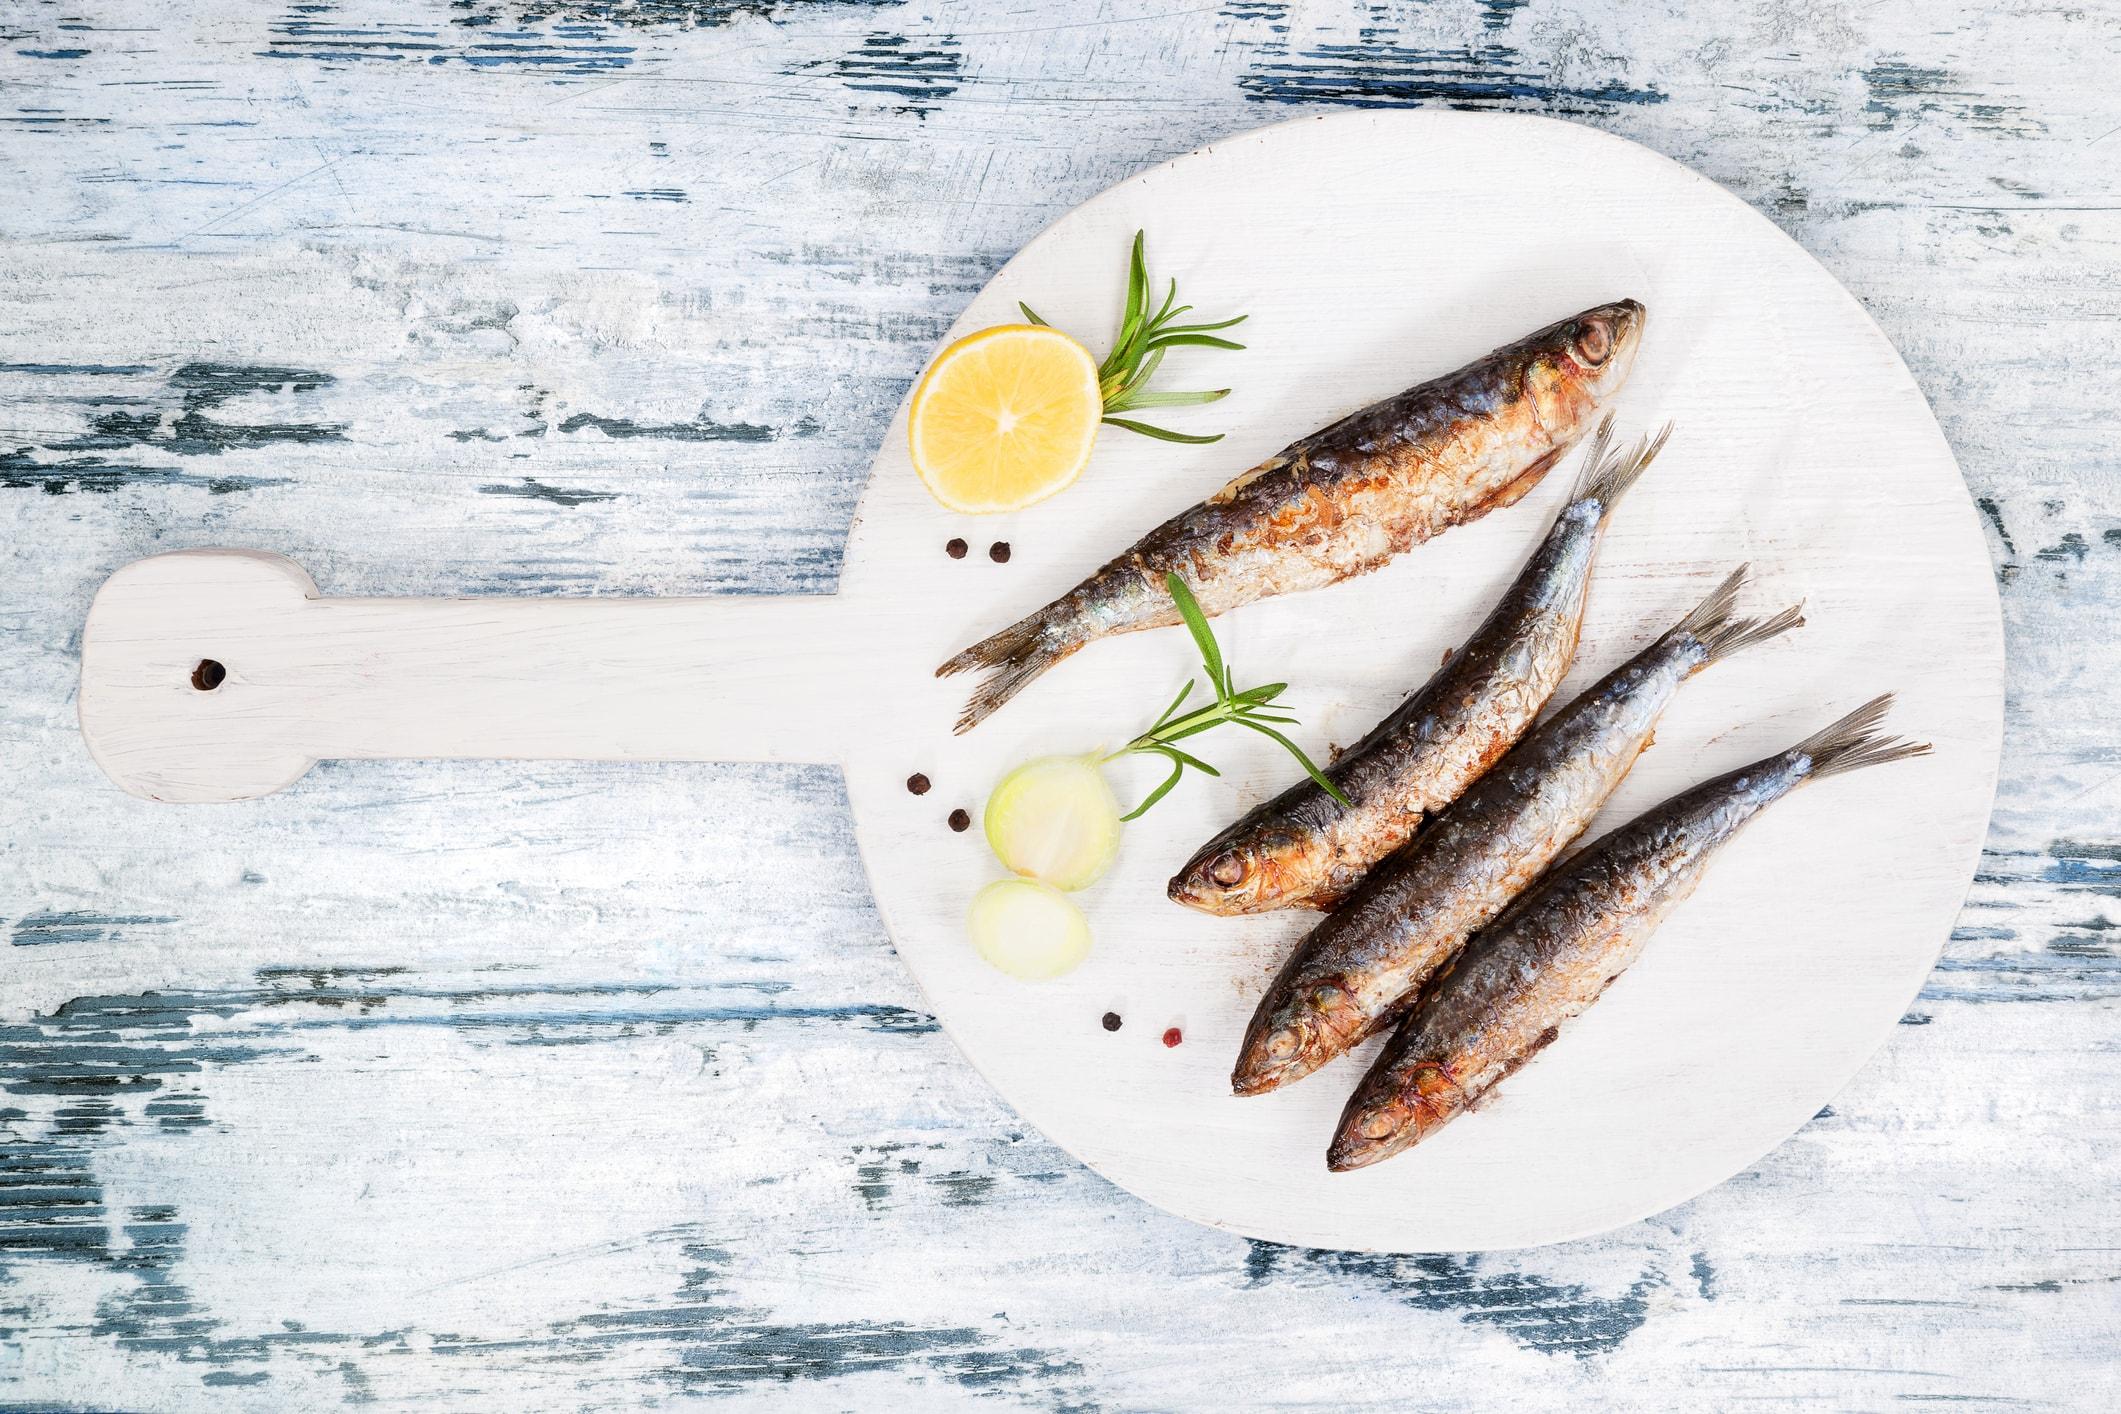 Les sardines : bonnes pour le cœur et le système immunitaire